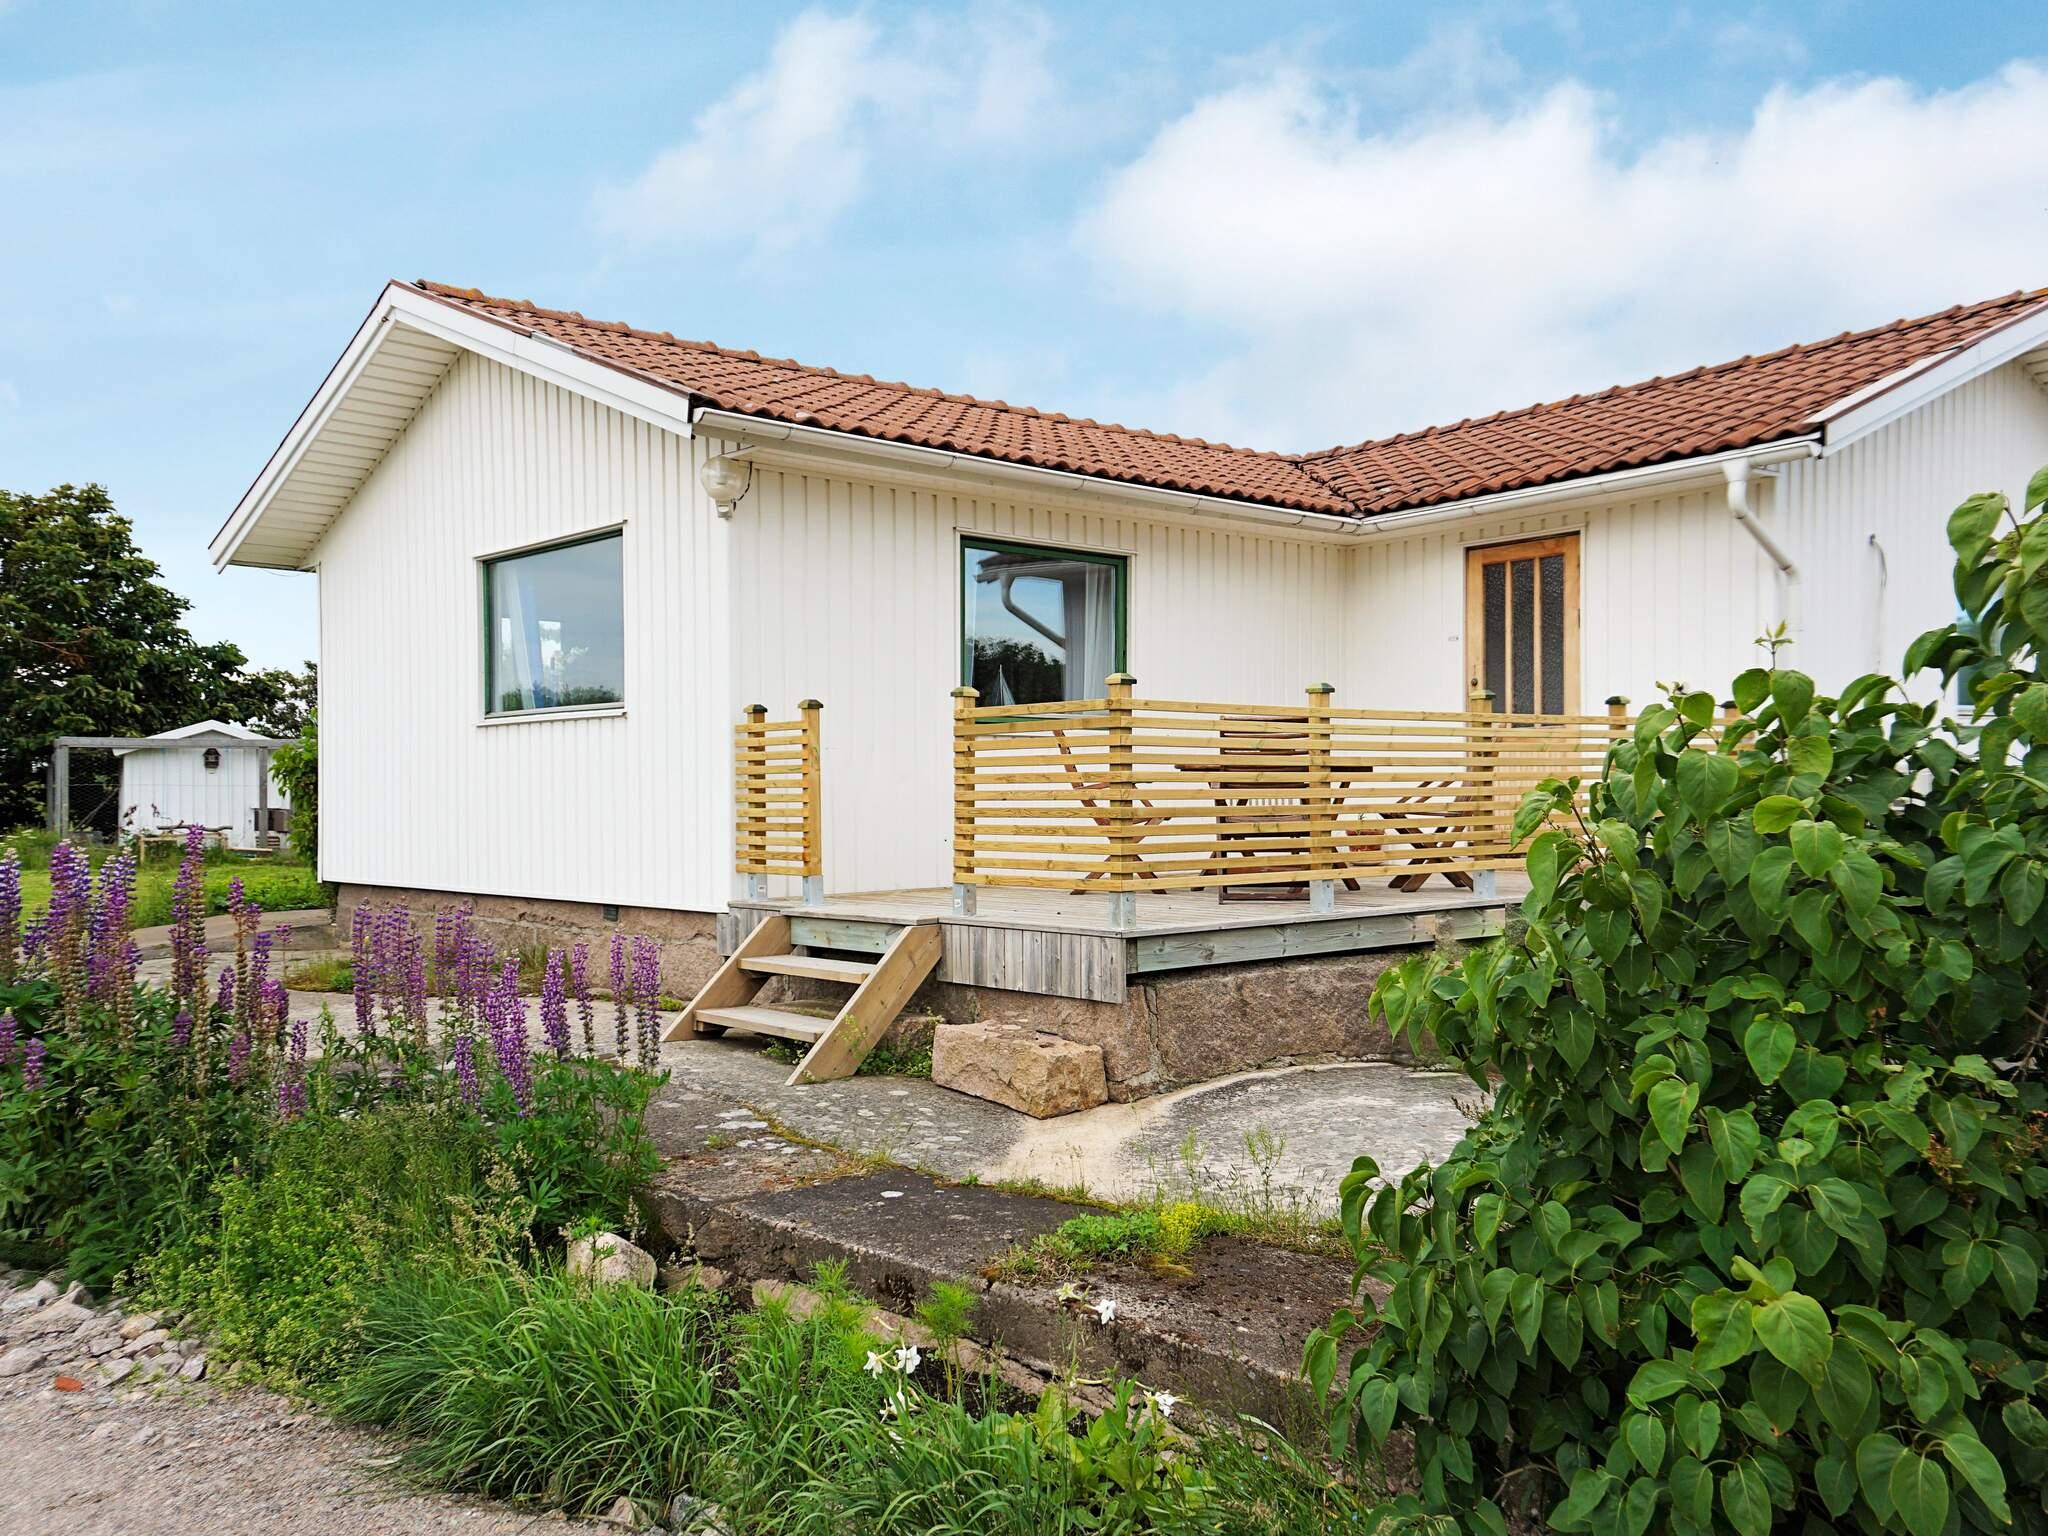 Ferienhaus Väjern (2636847), Kungshamn, Västra Götaland län, Westschweden, Schweden, Bild 1